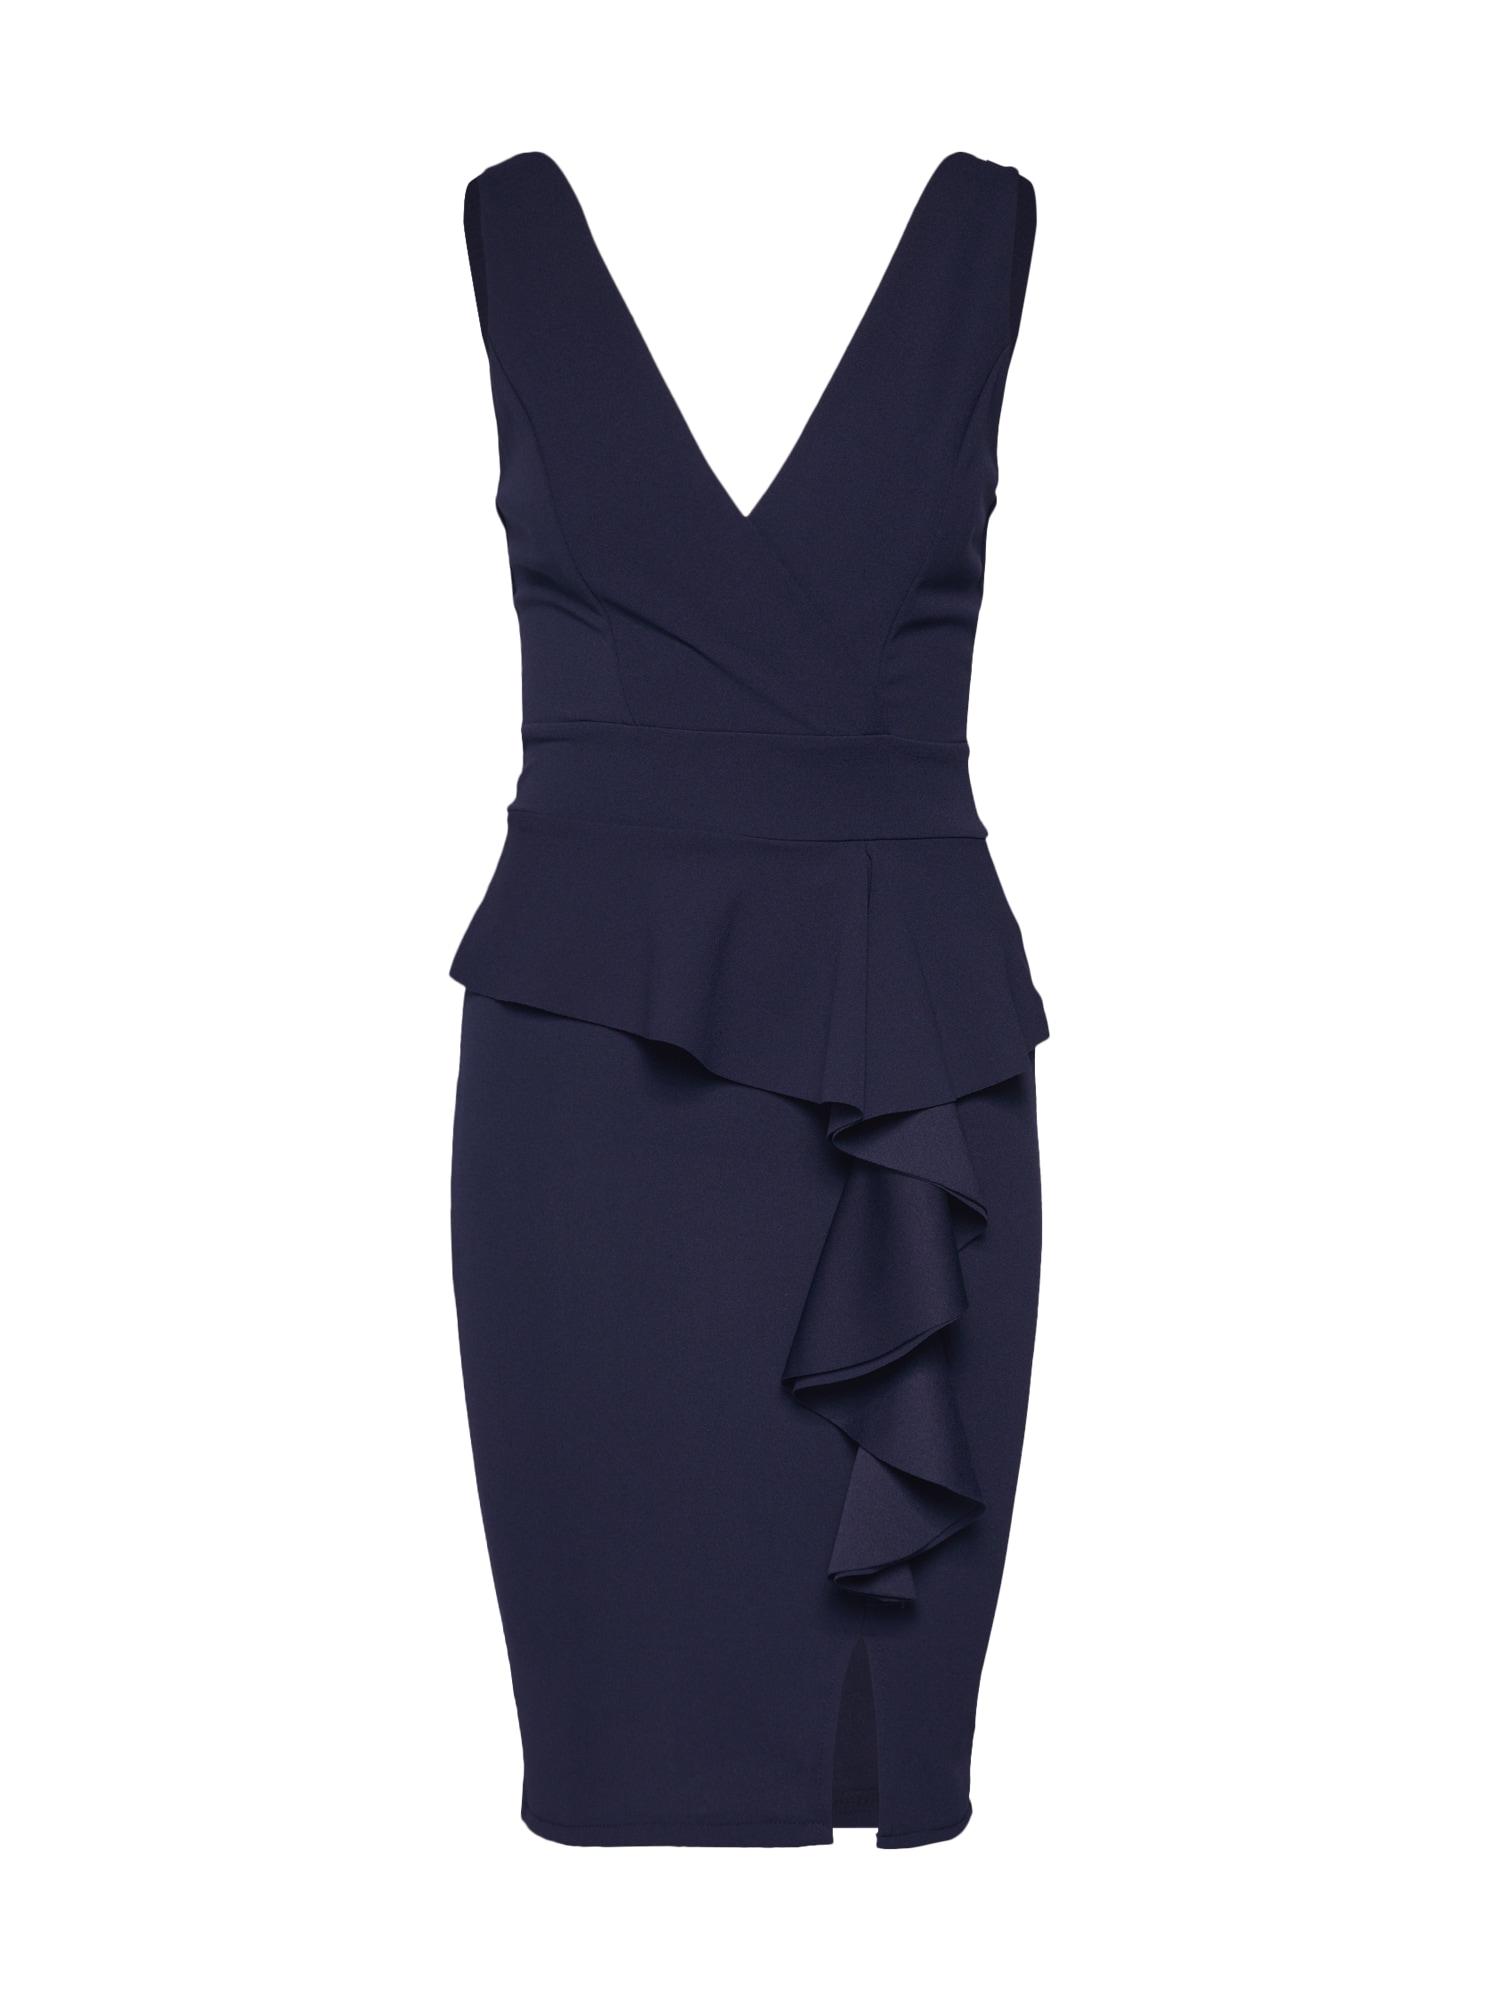 Pouzdrové šaty WG 8217 námořnická modř WAL G.